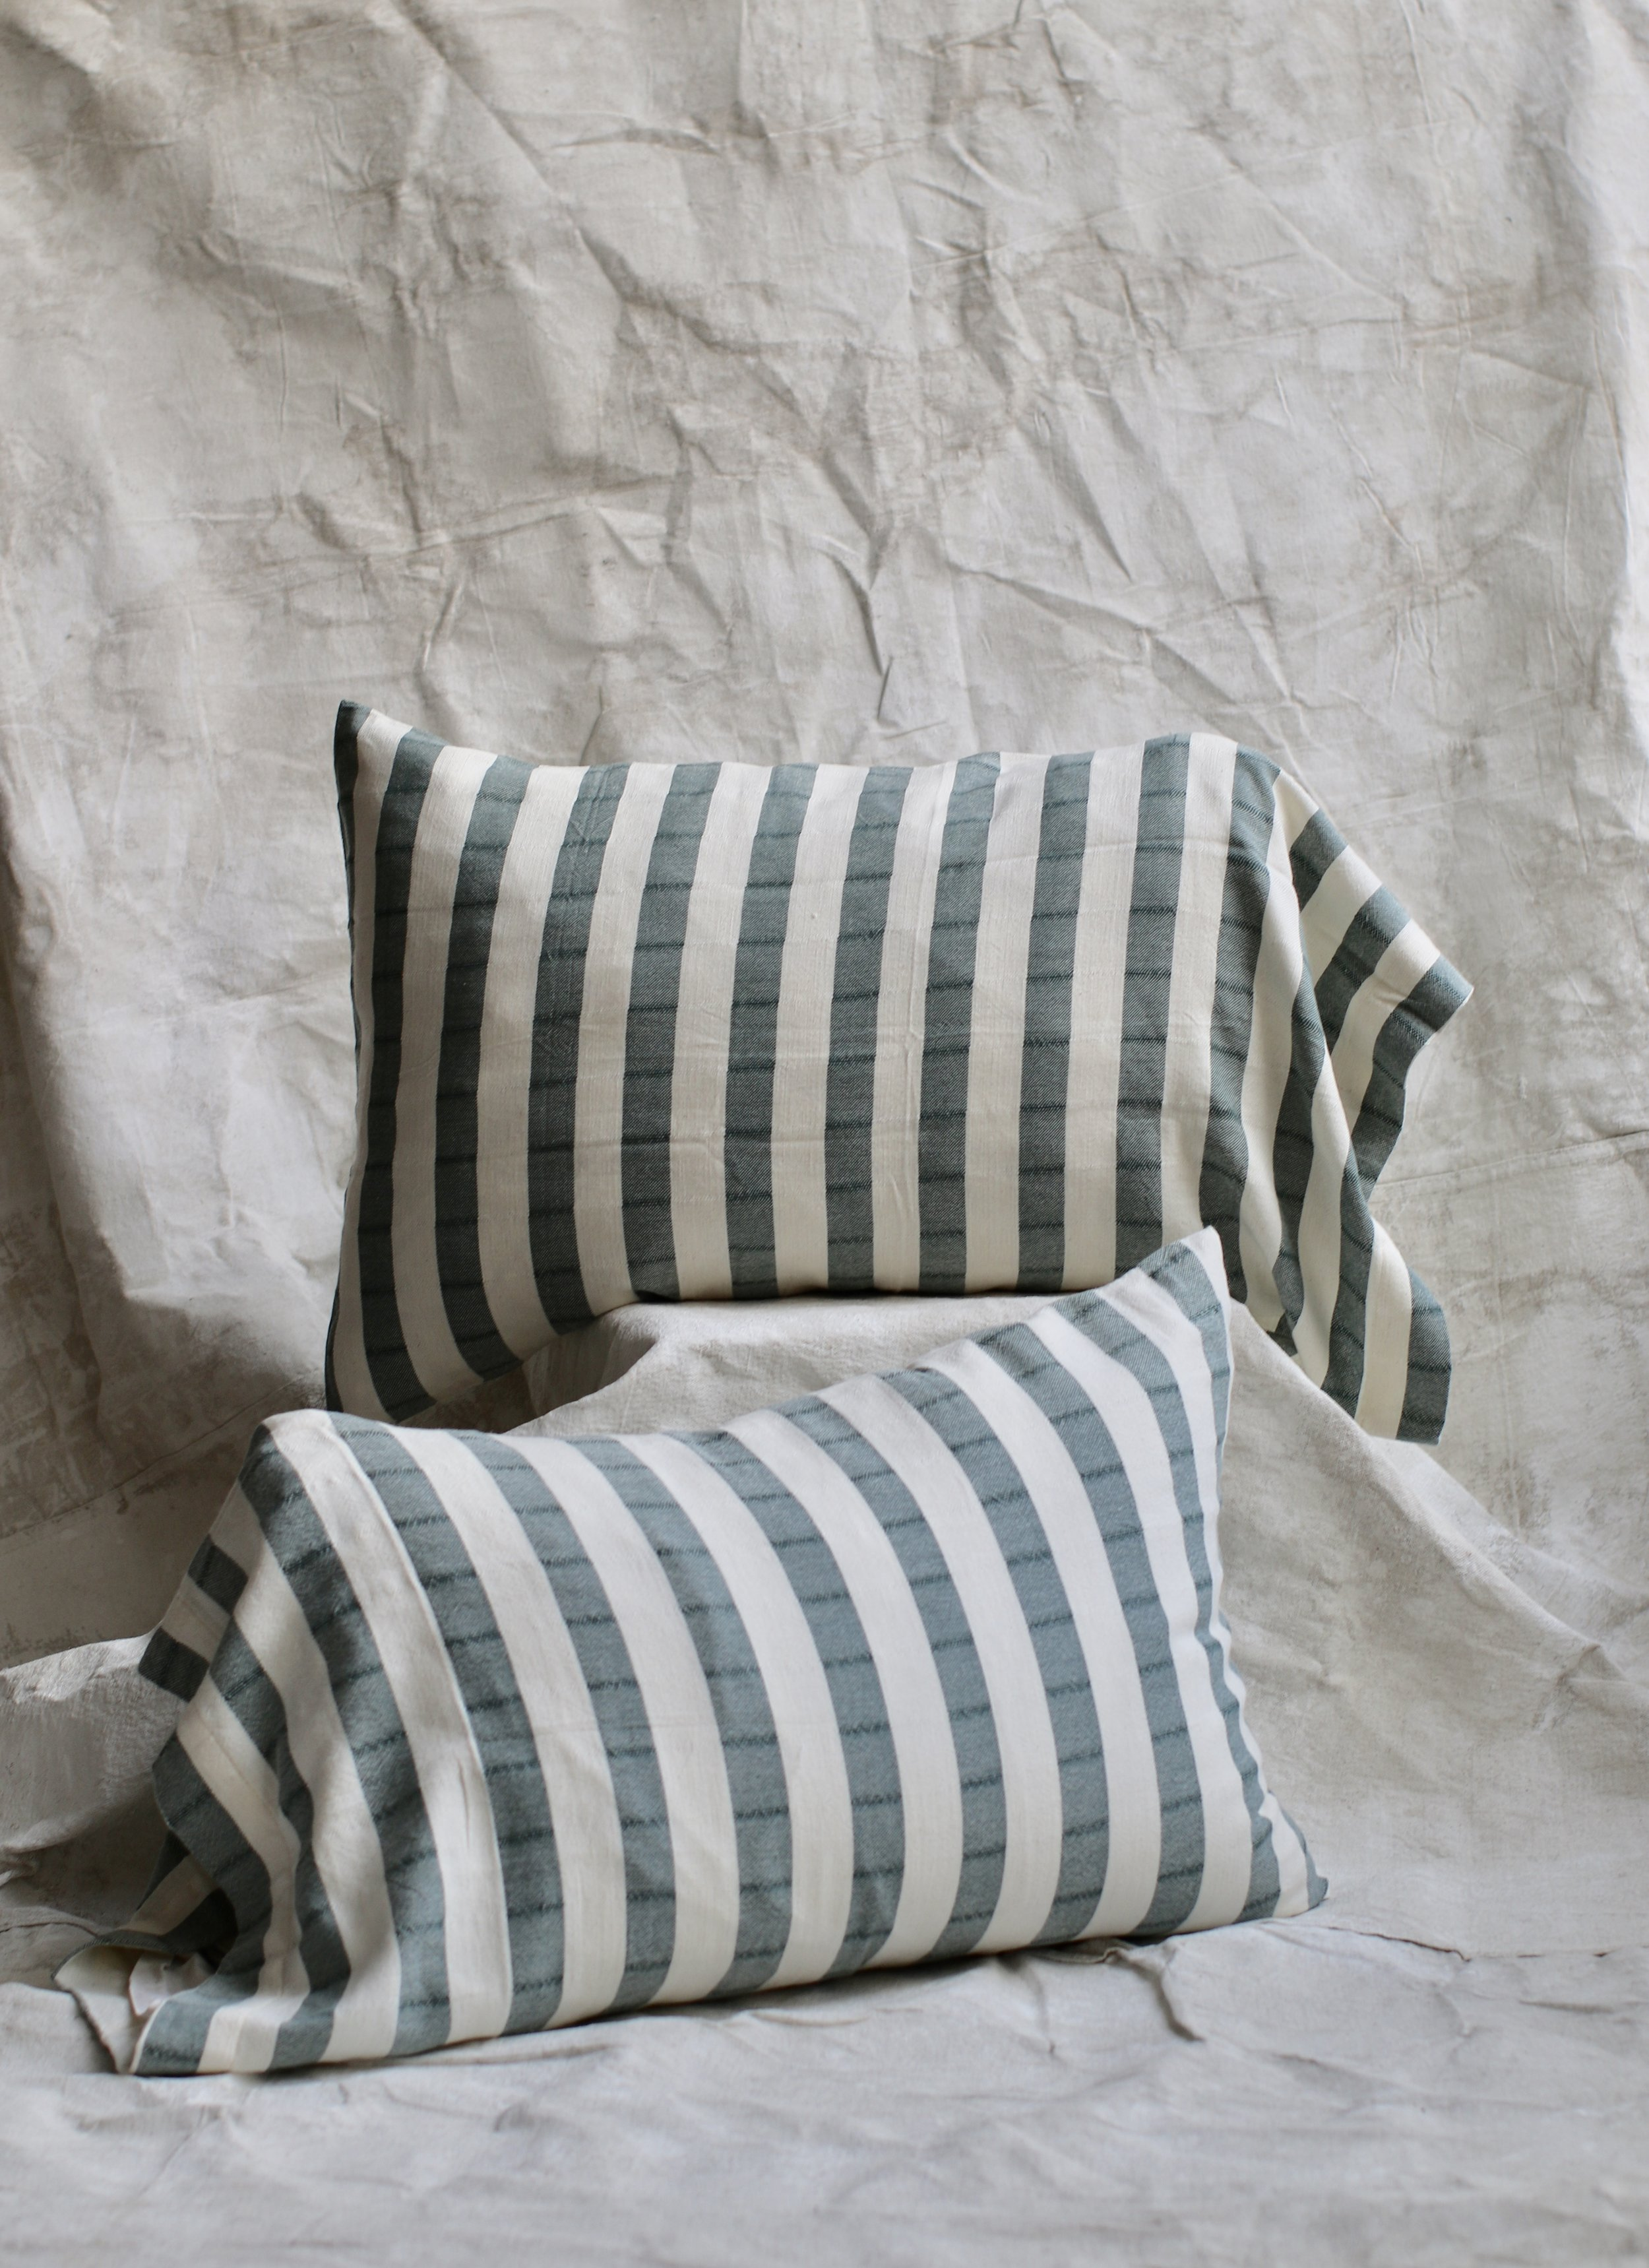 Cotton Stripped Standard Pillowcase set - Hunter Green $68